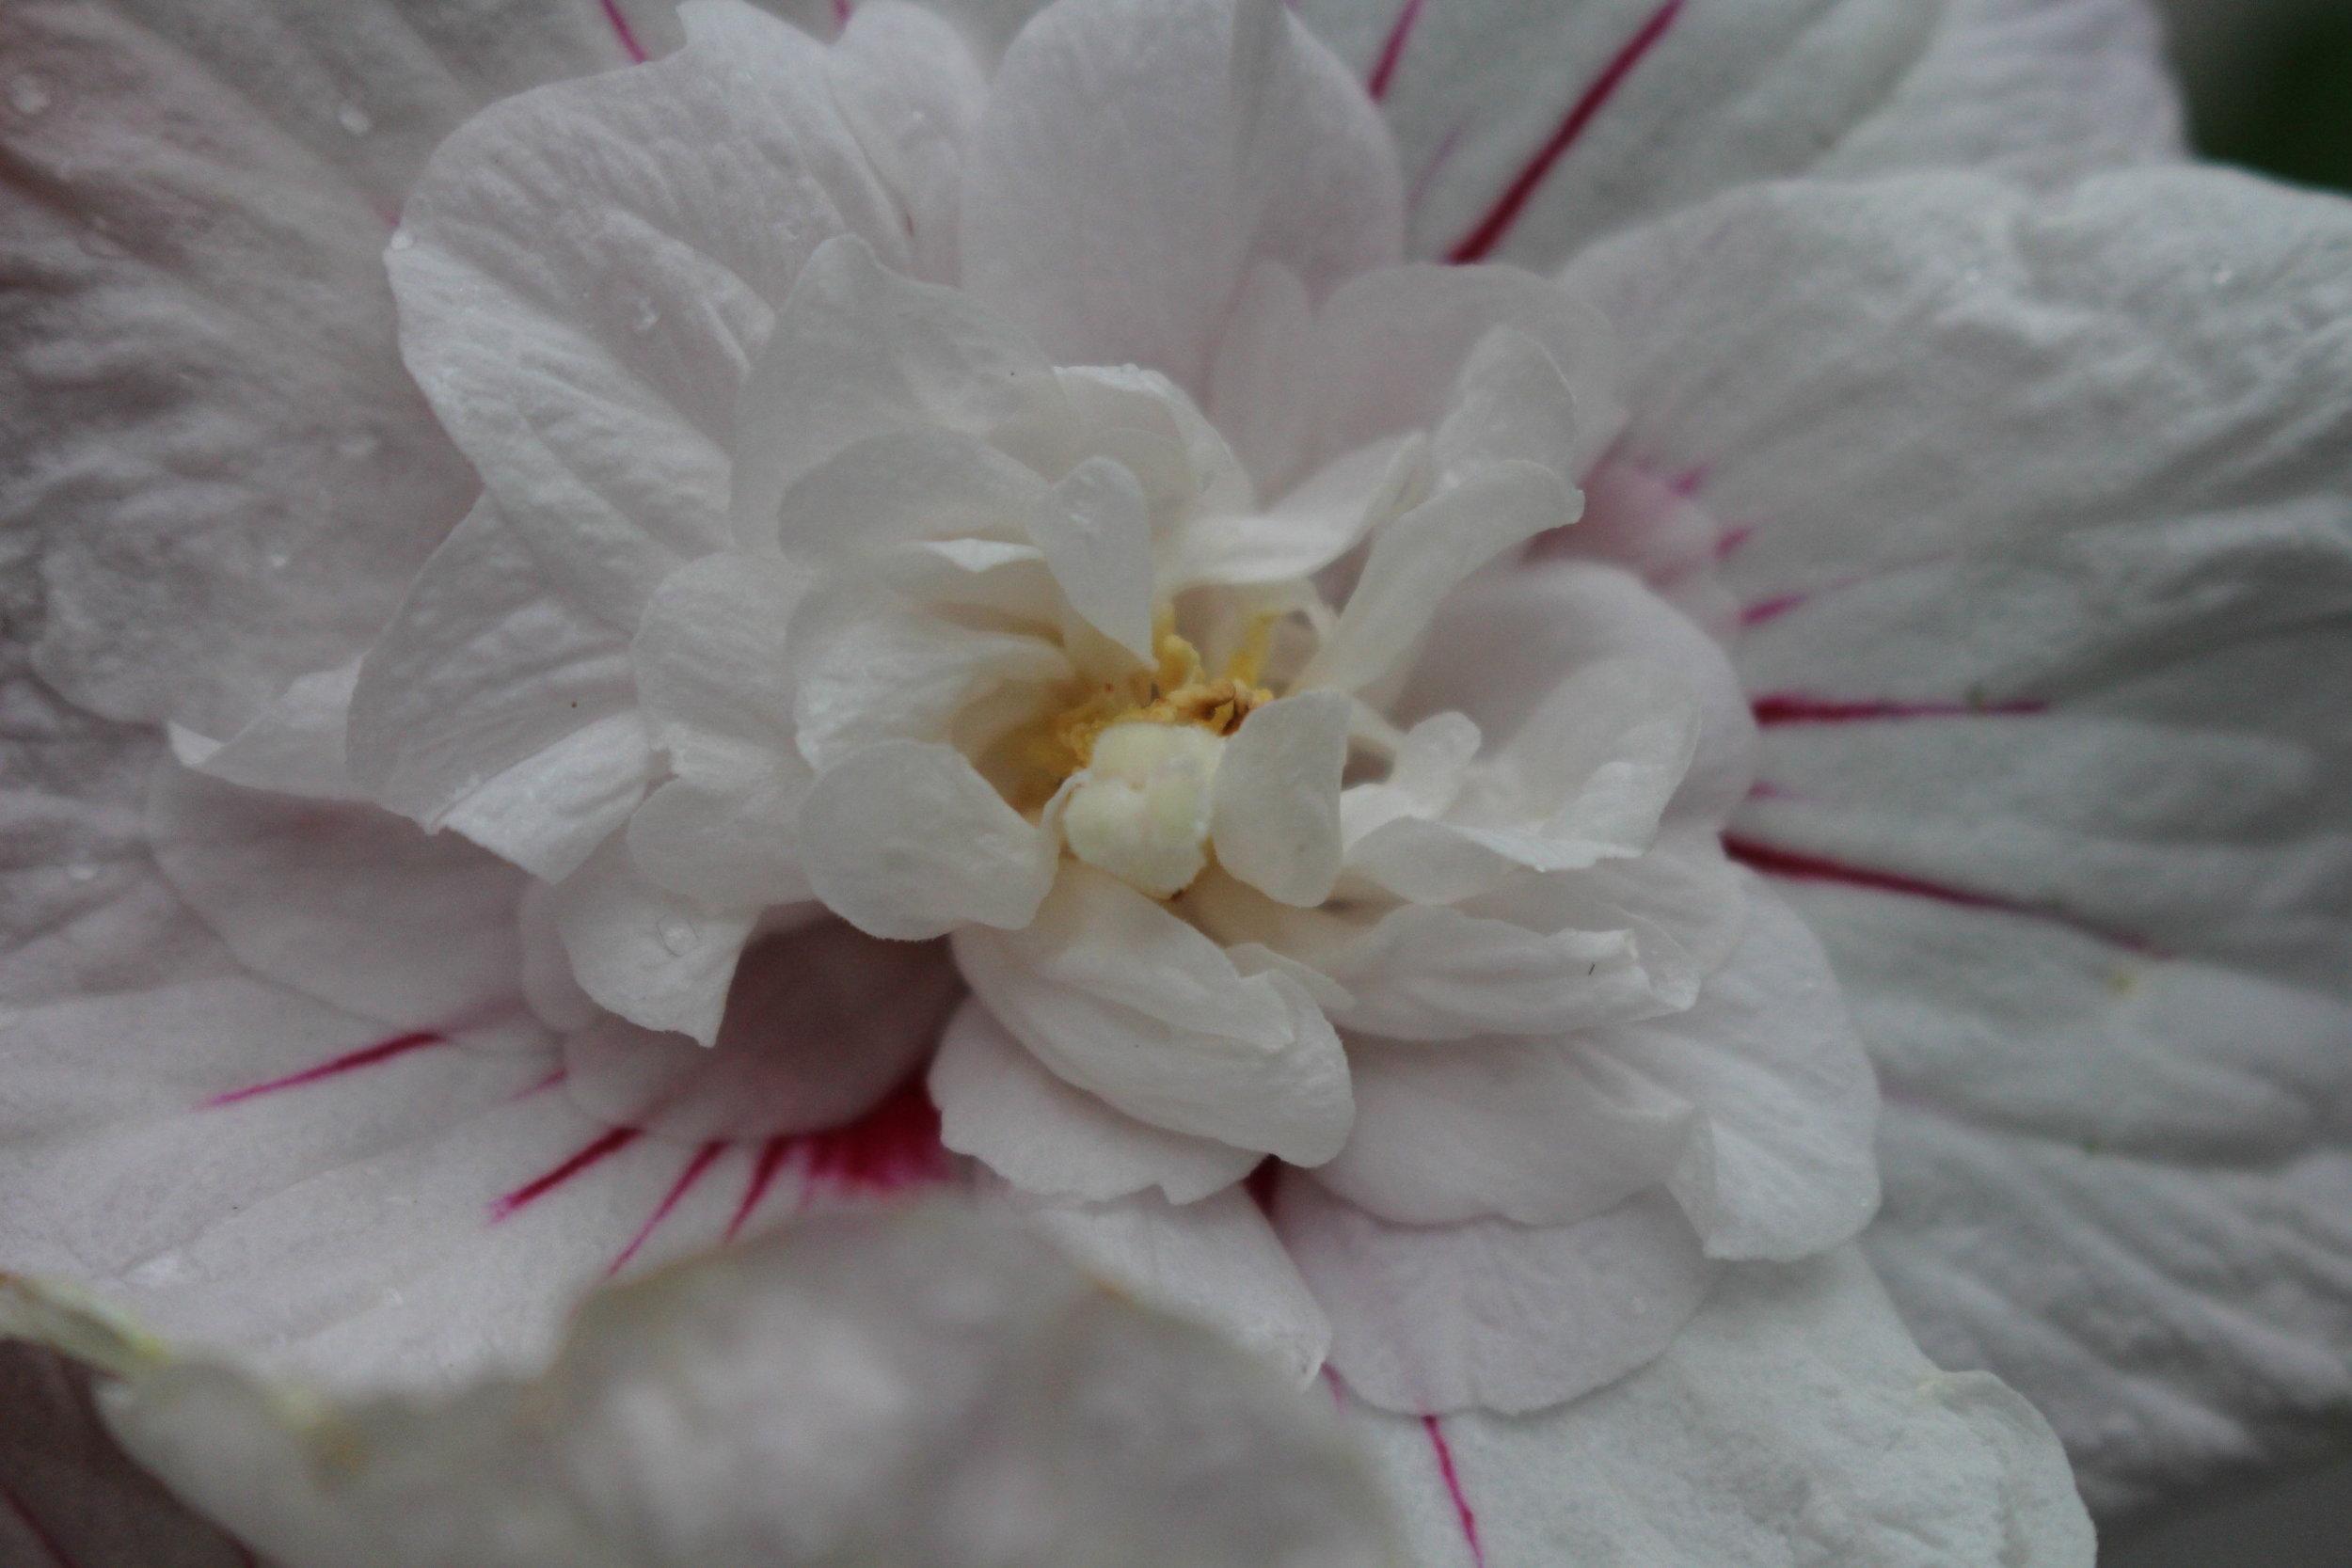 #18 White Hibiscus, Hibiscus syriacus